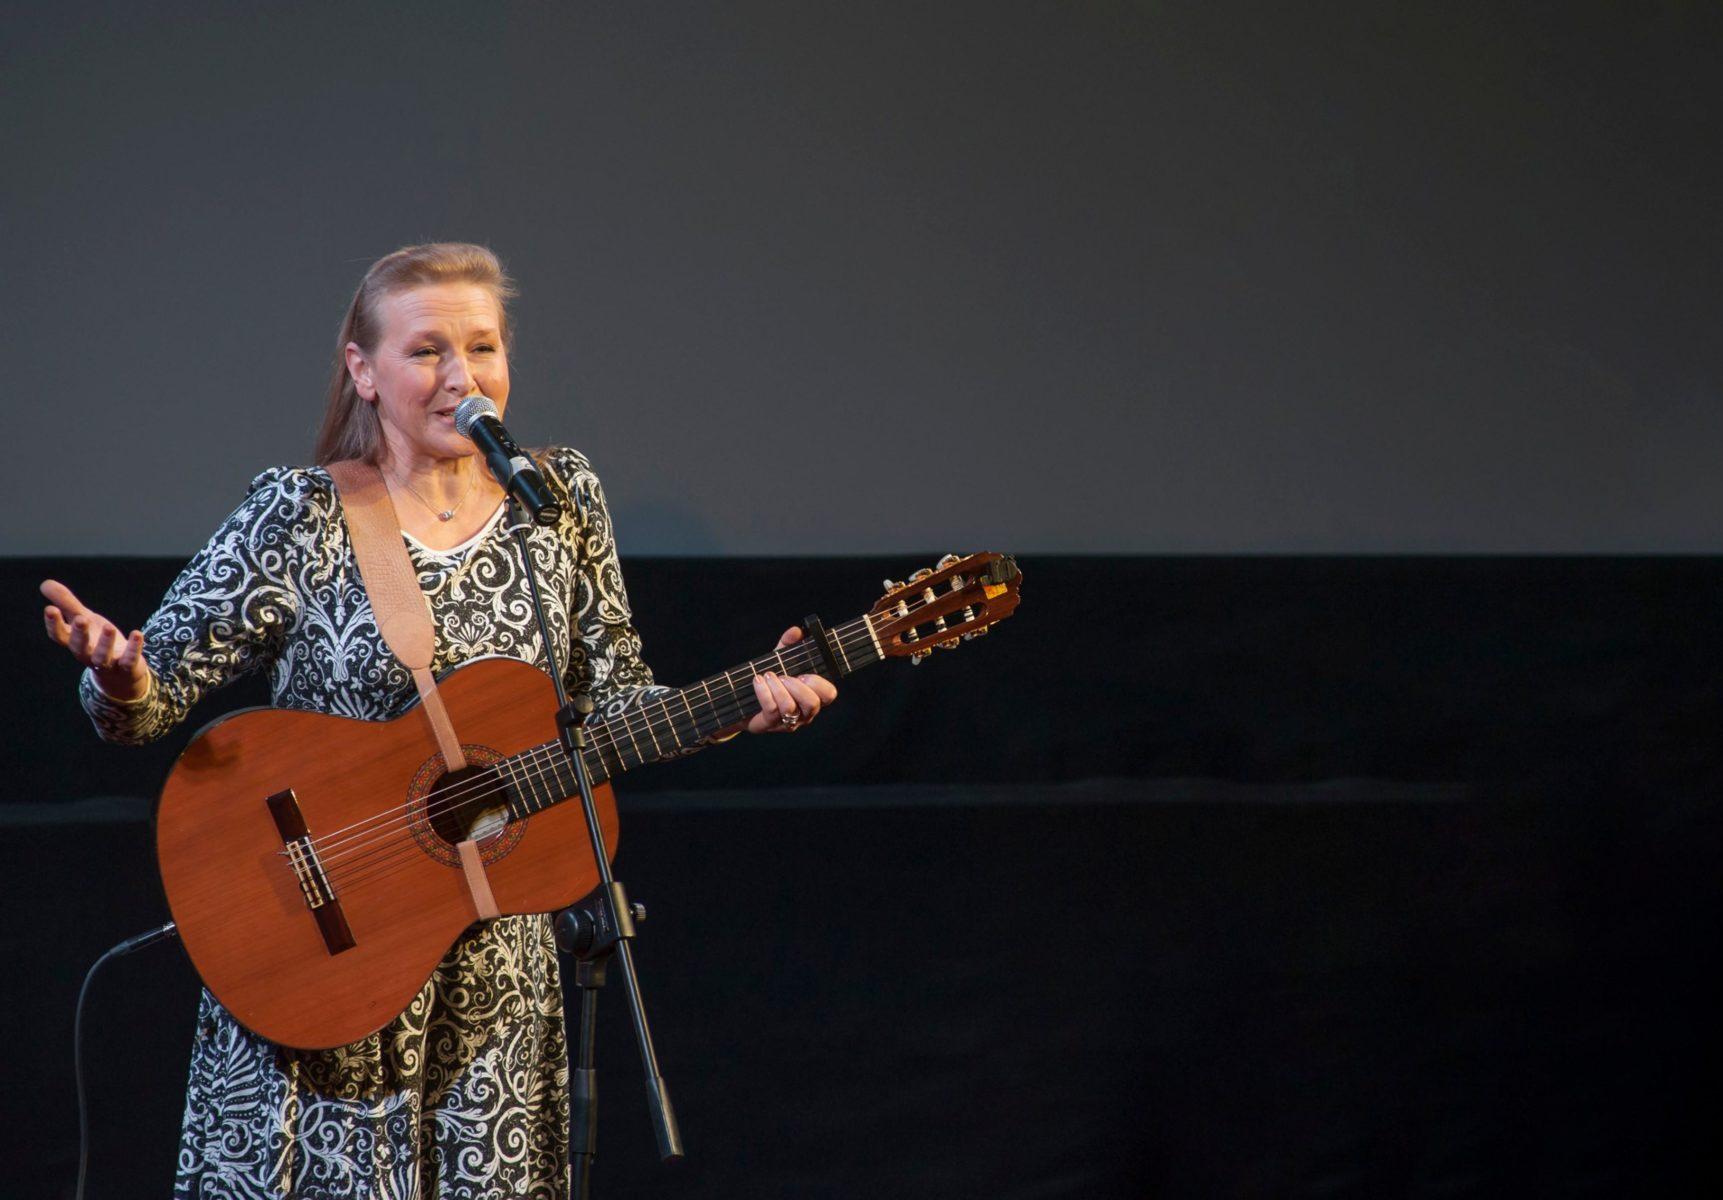 Концерт «По-женски о вечном» в киноклубе «Эльдар»  – события на сайте «Московские Сезоны»